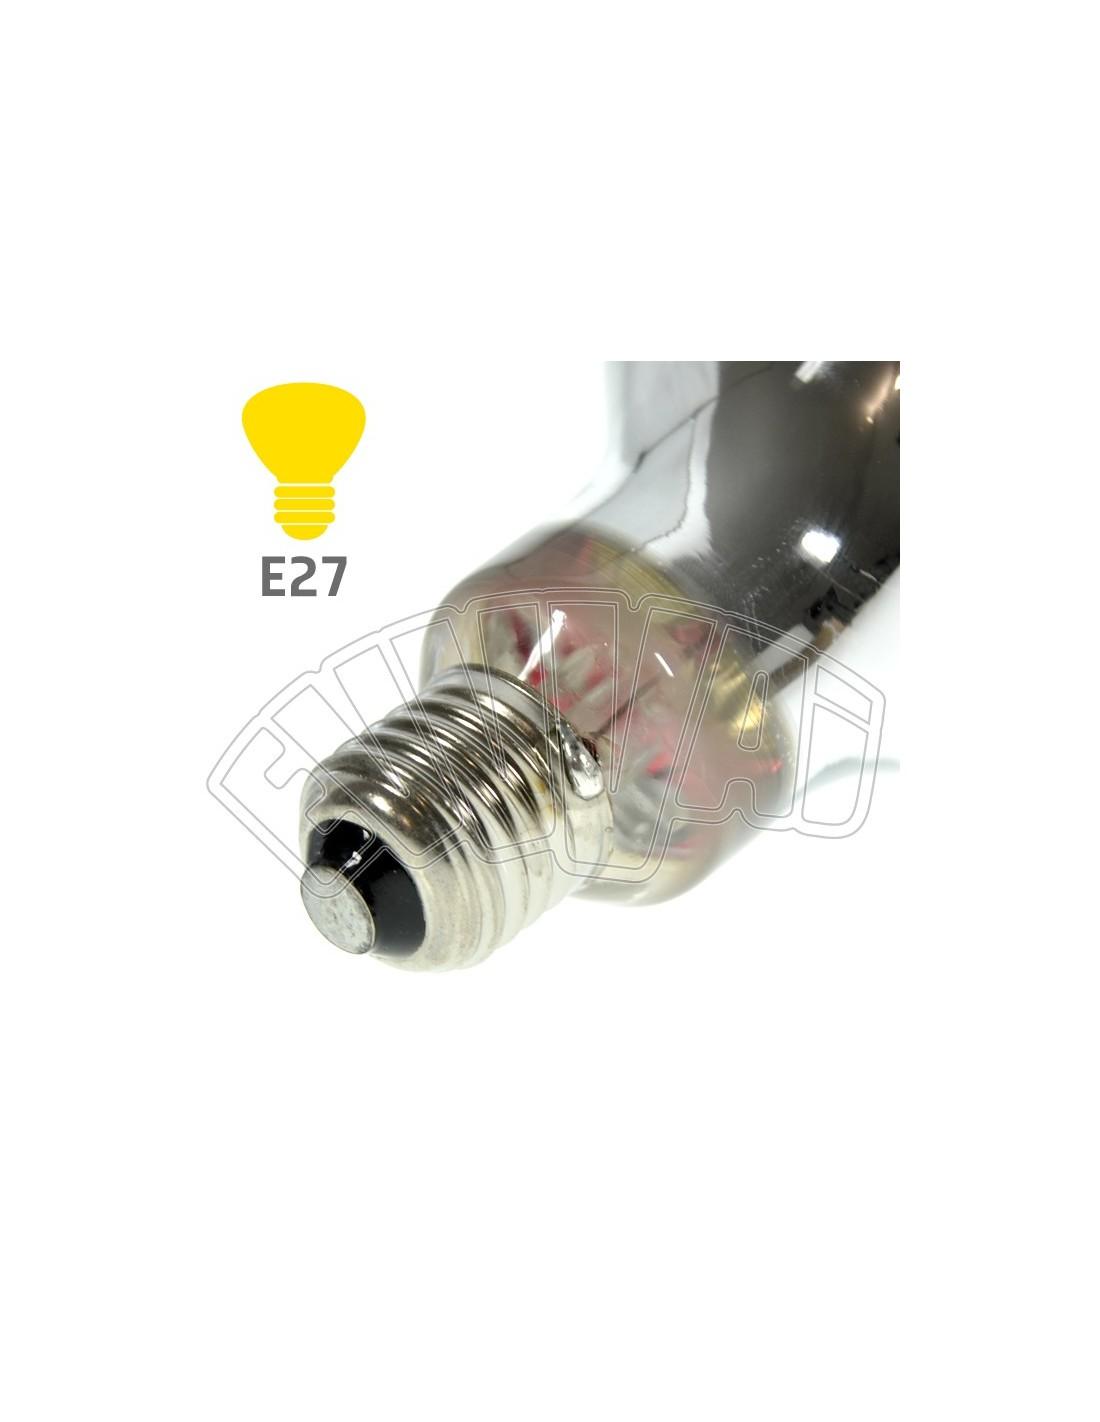 250w lampada infrarossi rossa e27 riscaldamento pulcini for Lampada infrarossi riscaldamento pulcini